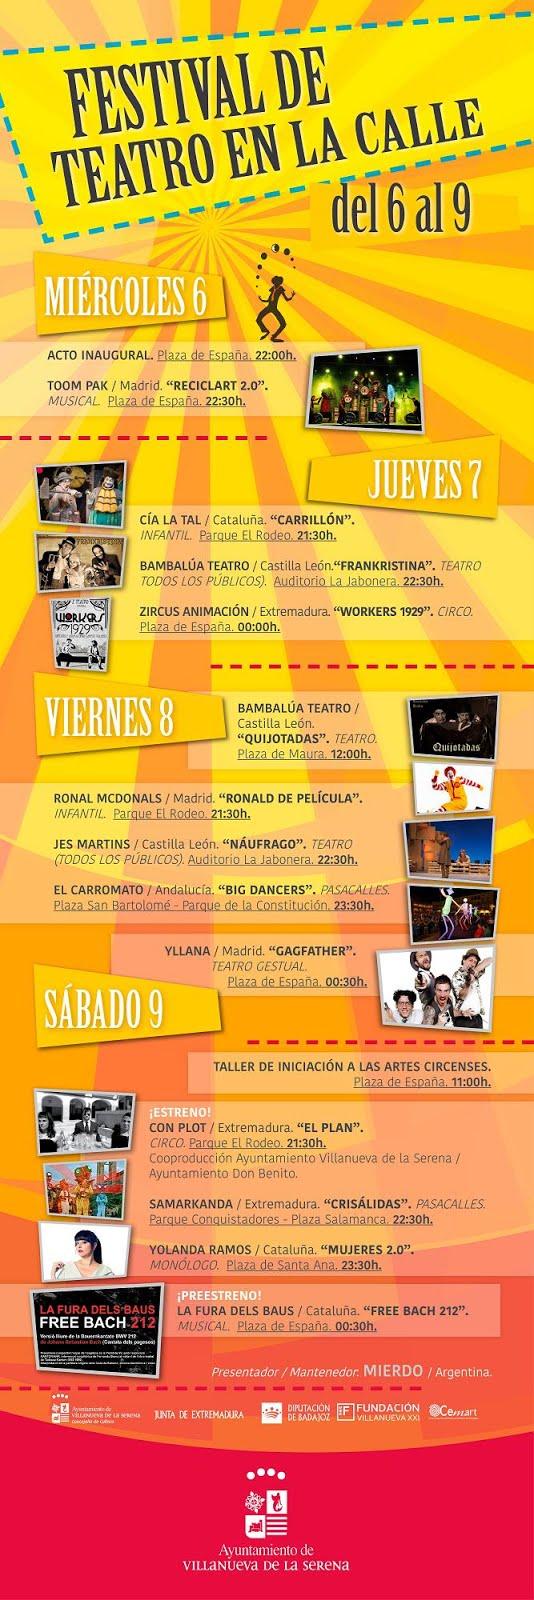 XXI Festival de Teatro en la Calle 2016